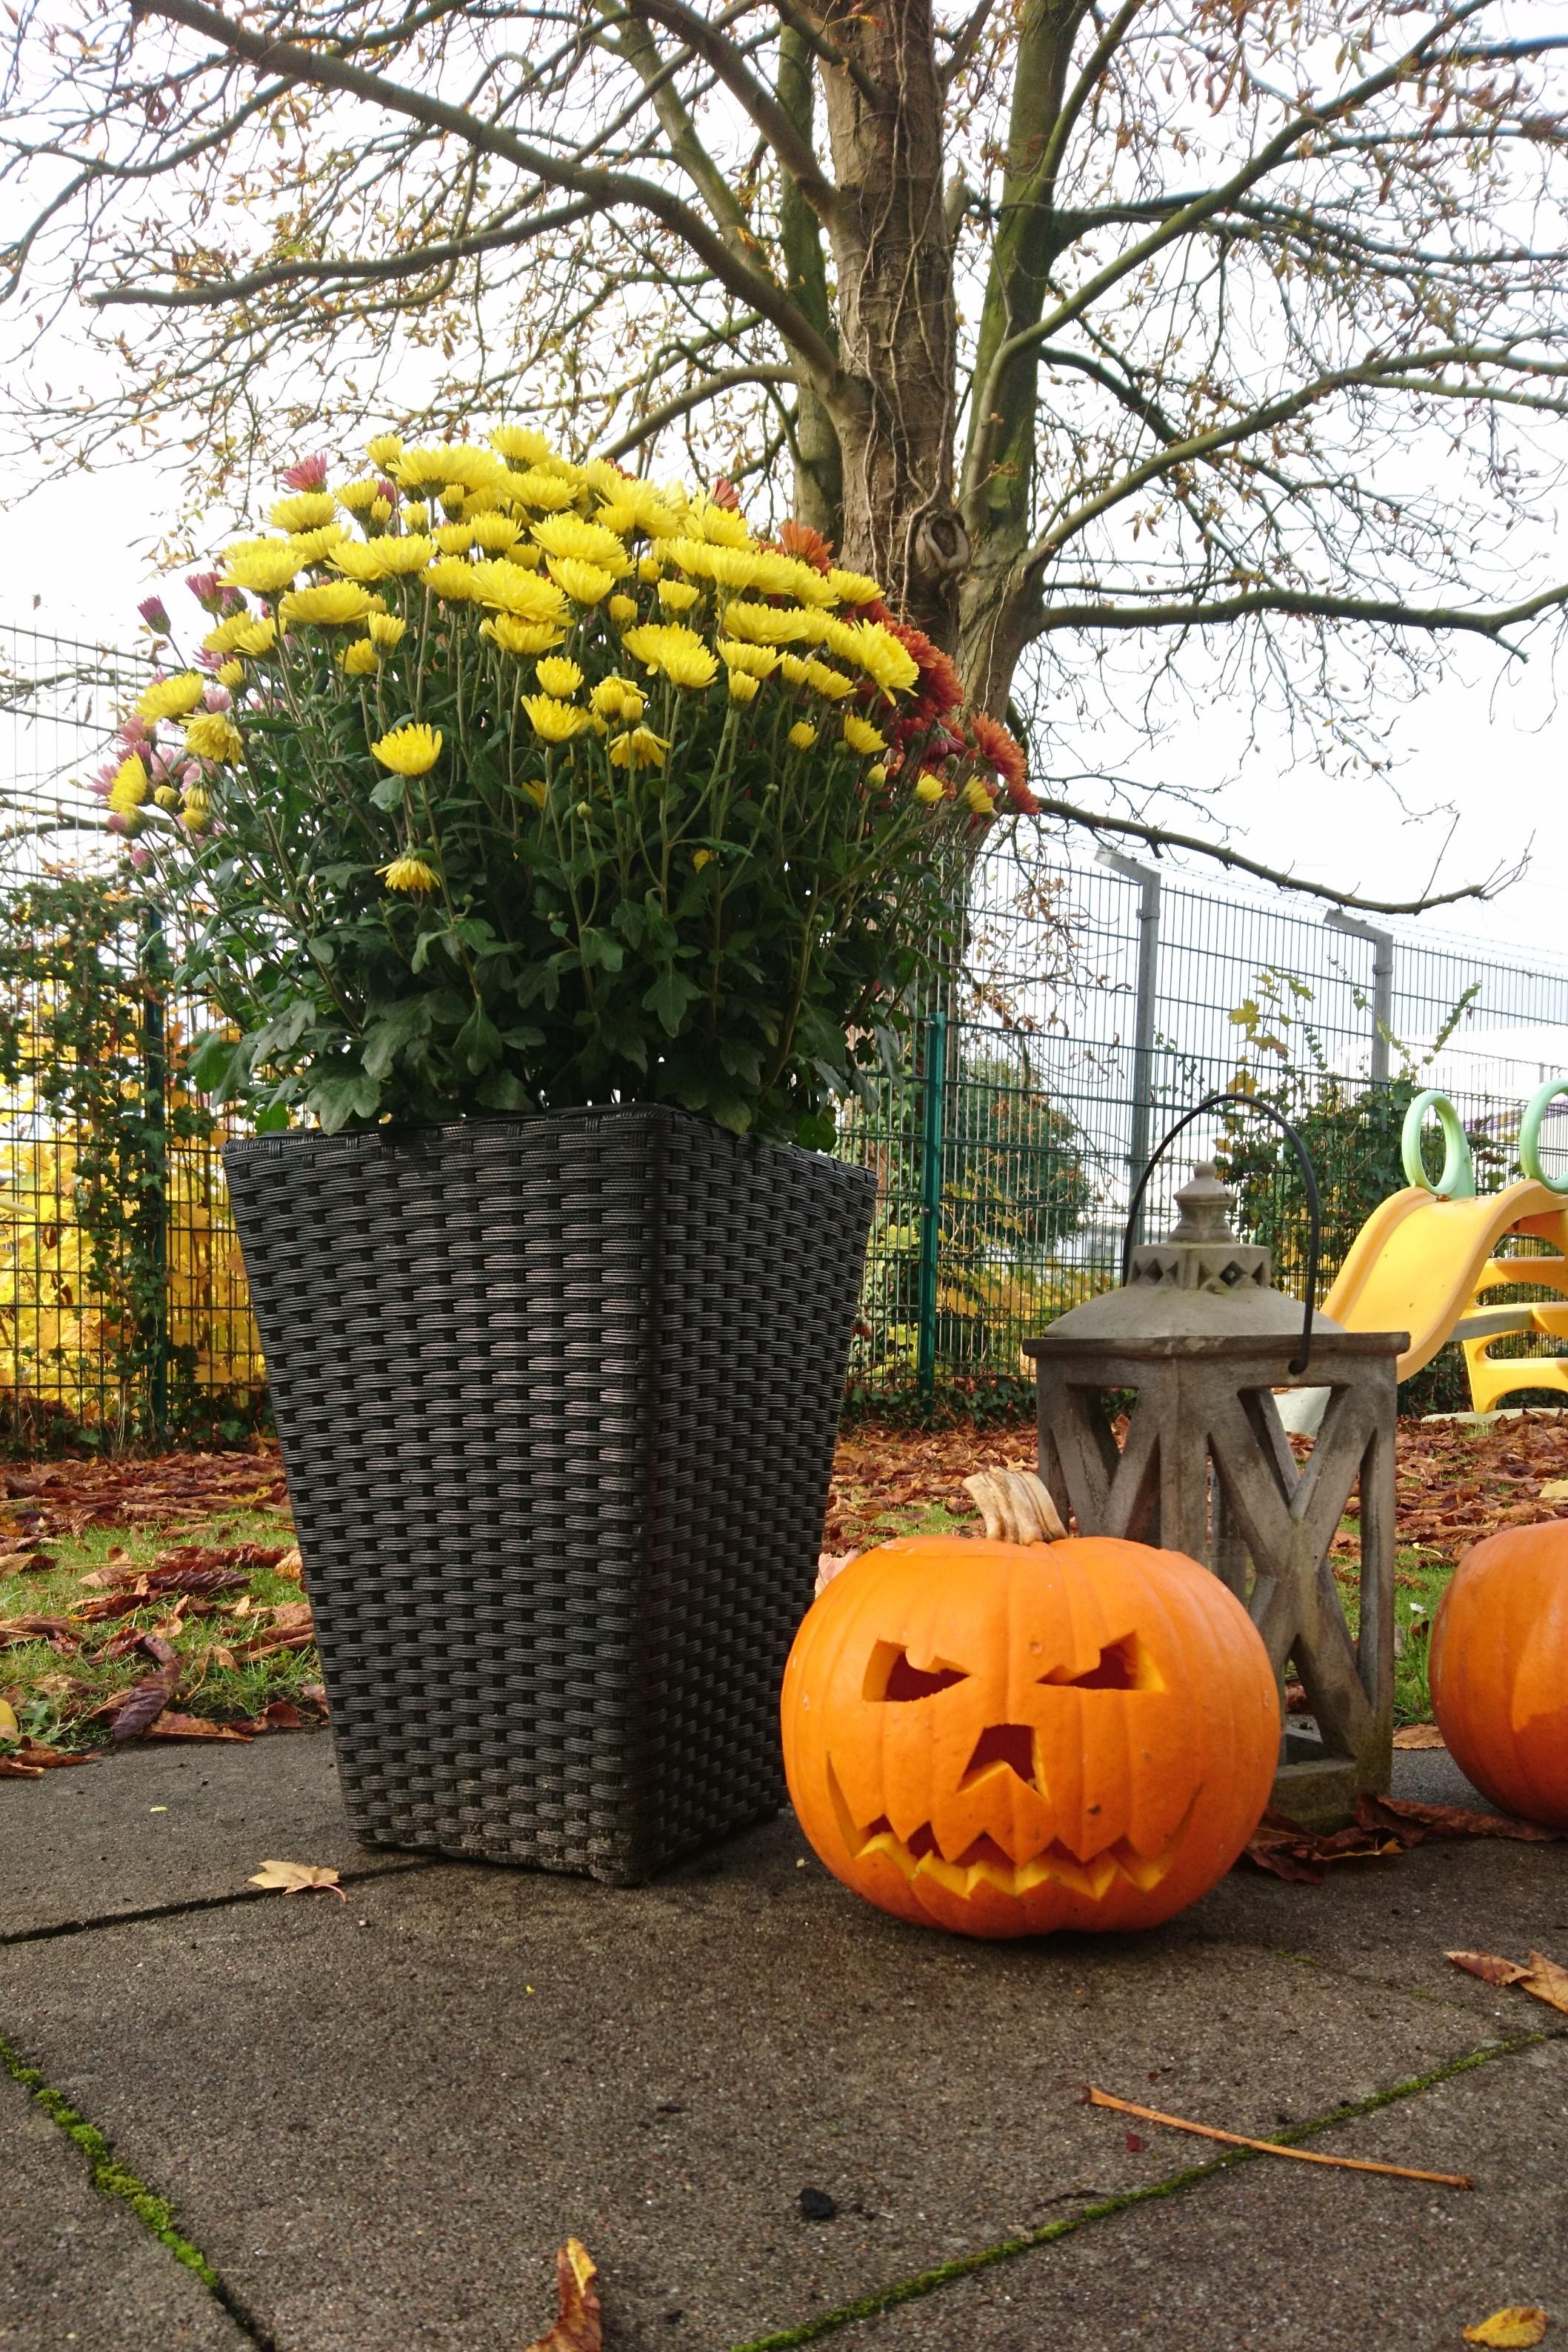 halloween k rbisse schnitzen perspektive jugendhilfe. Black Bedroom Furniture Sets. Home Design Ideas